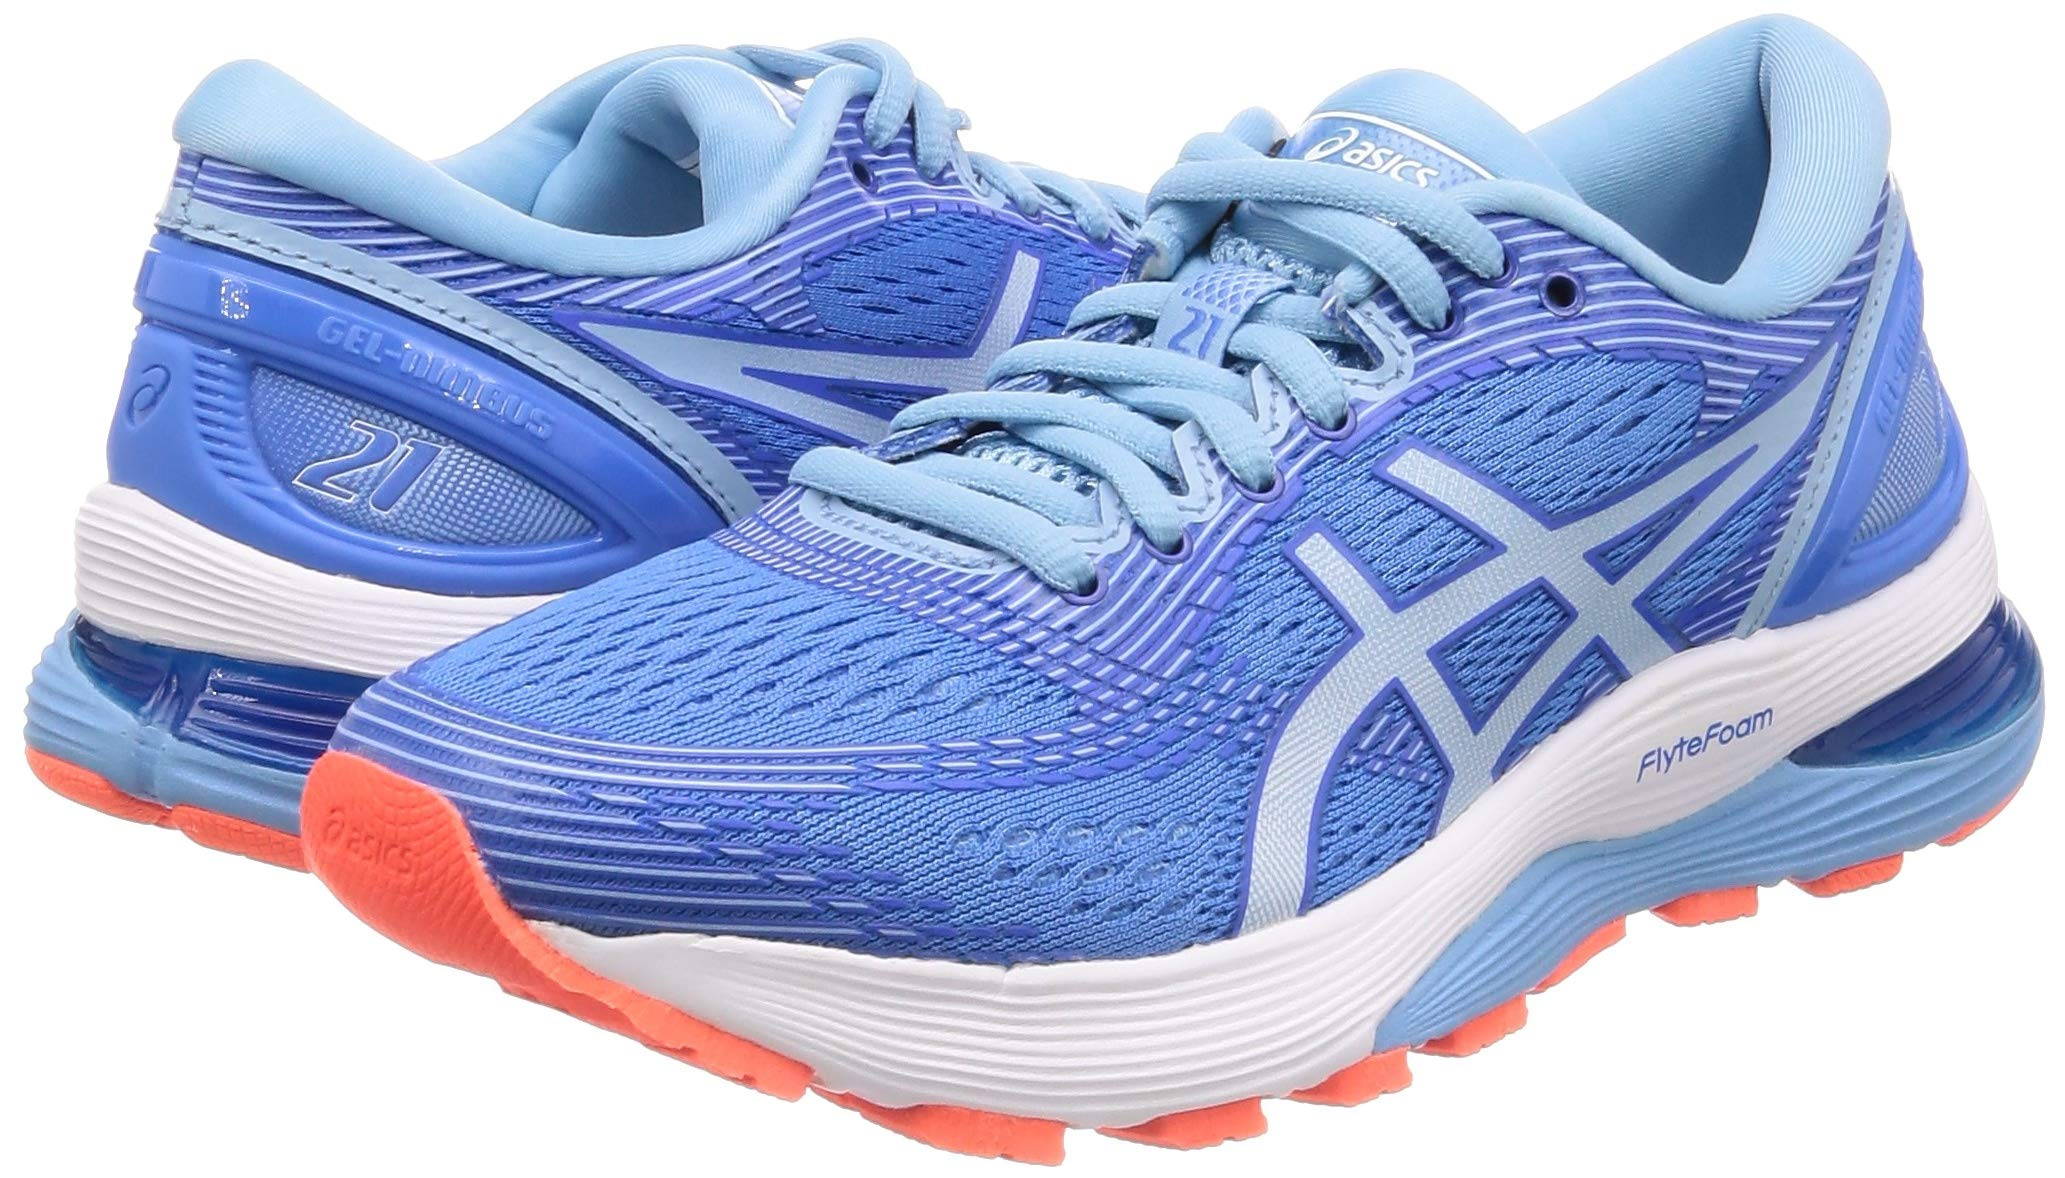 816W6xwpyiL - ASICS Women's Gel-Nimbus 21 Running Shoes